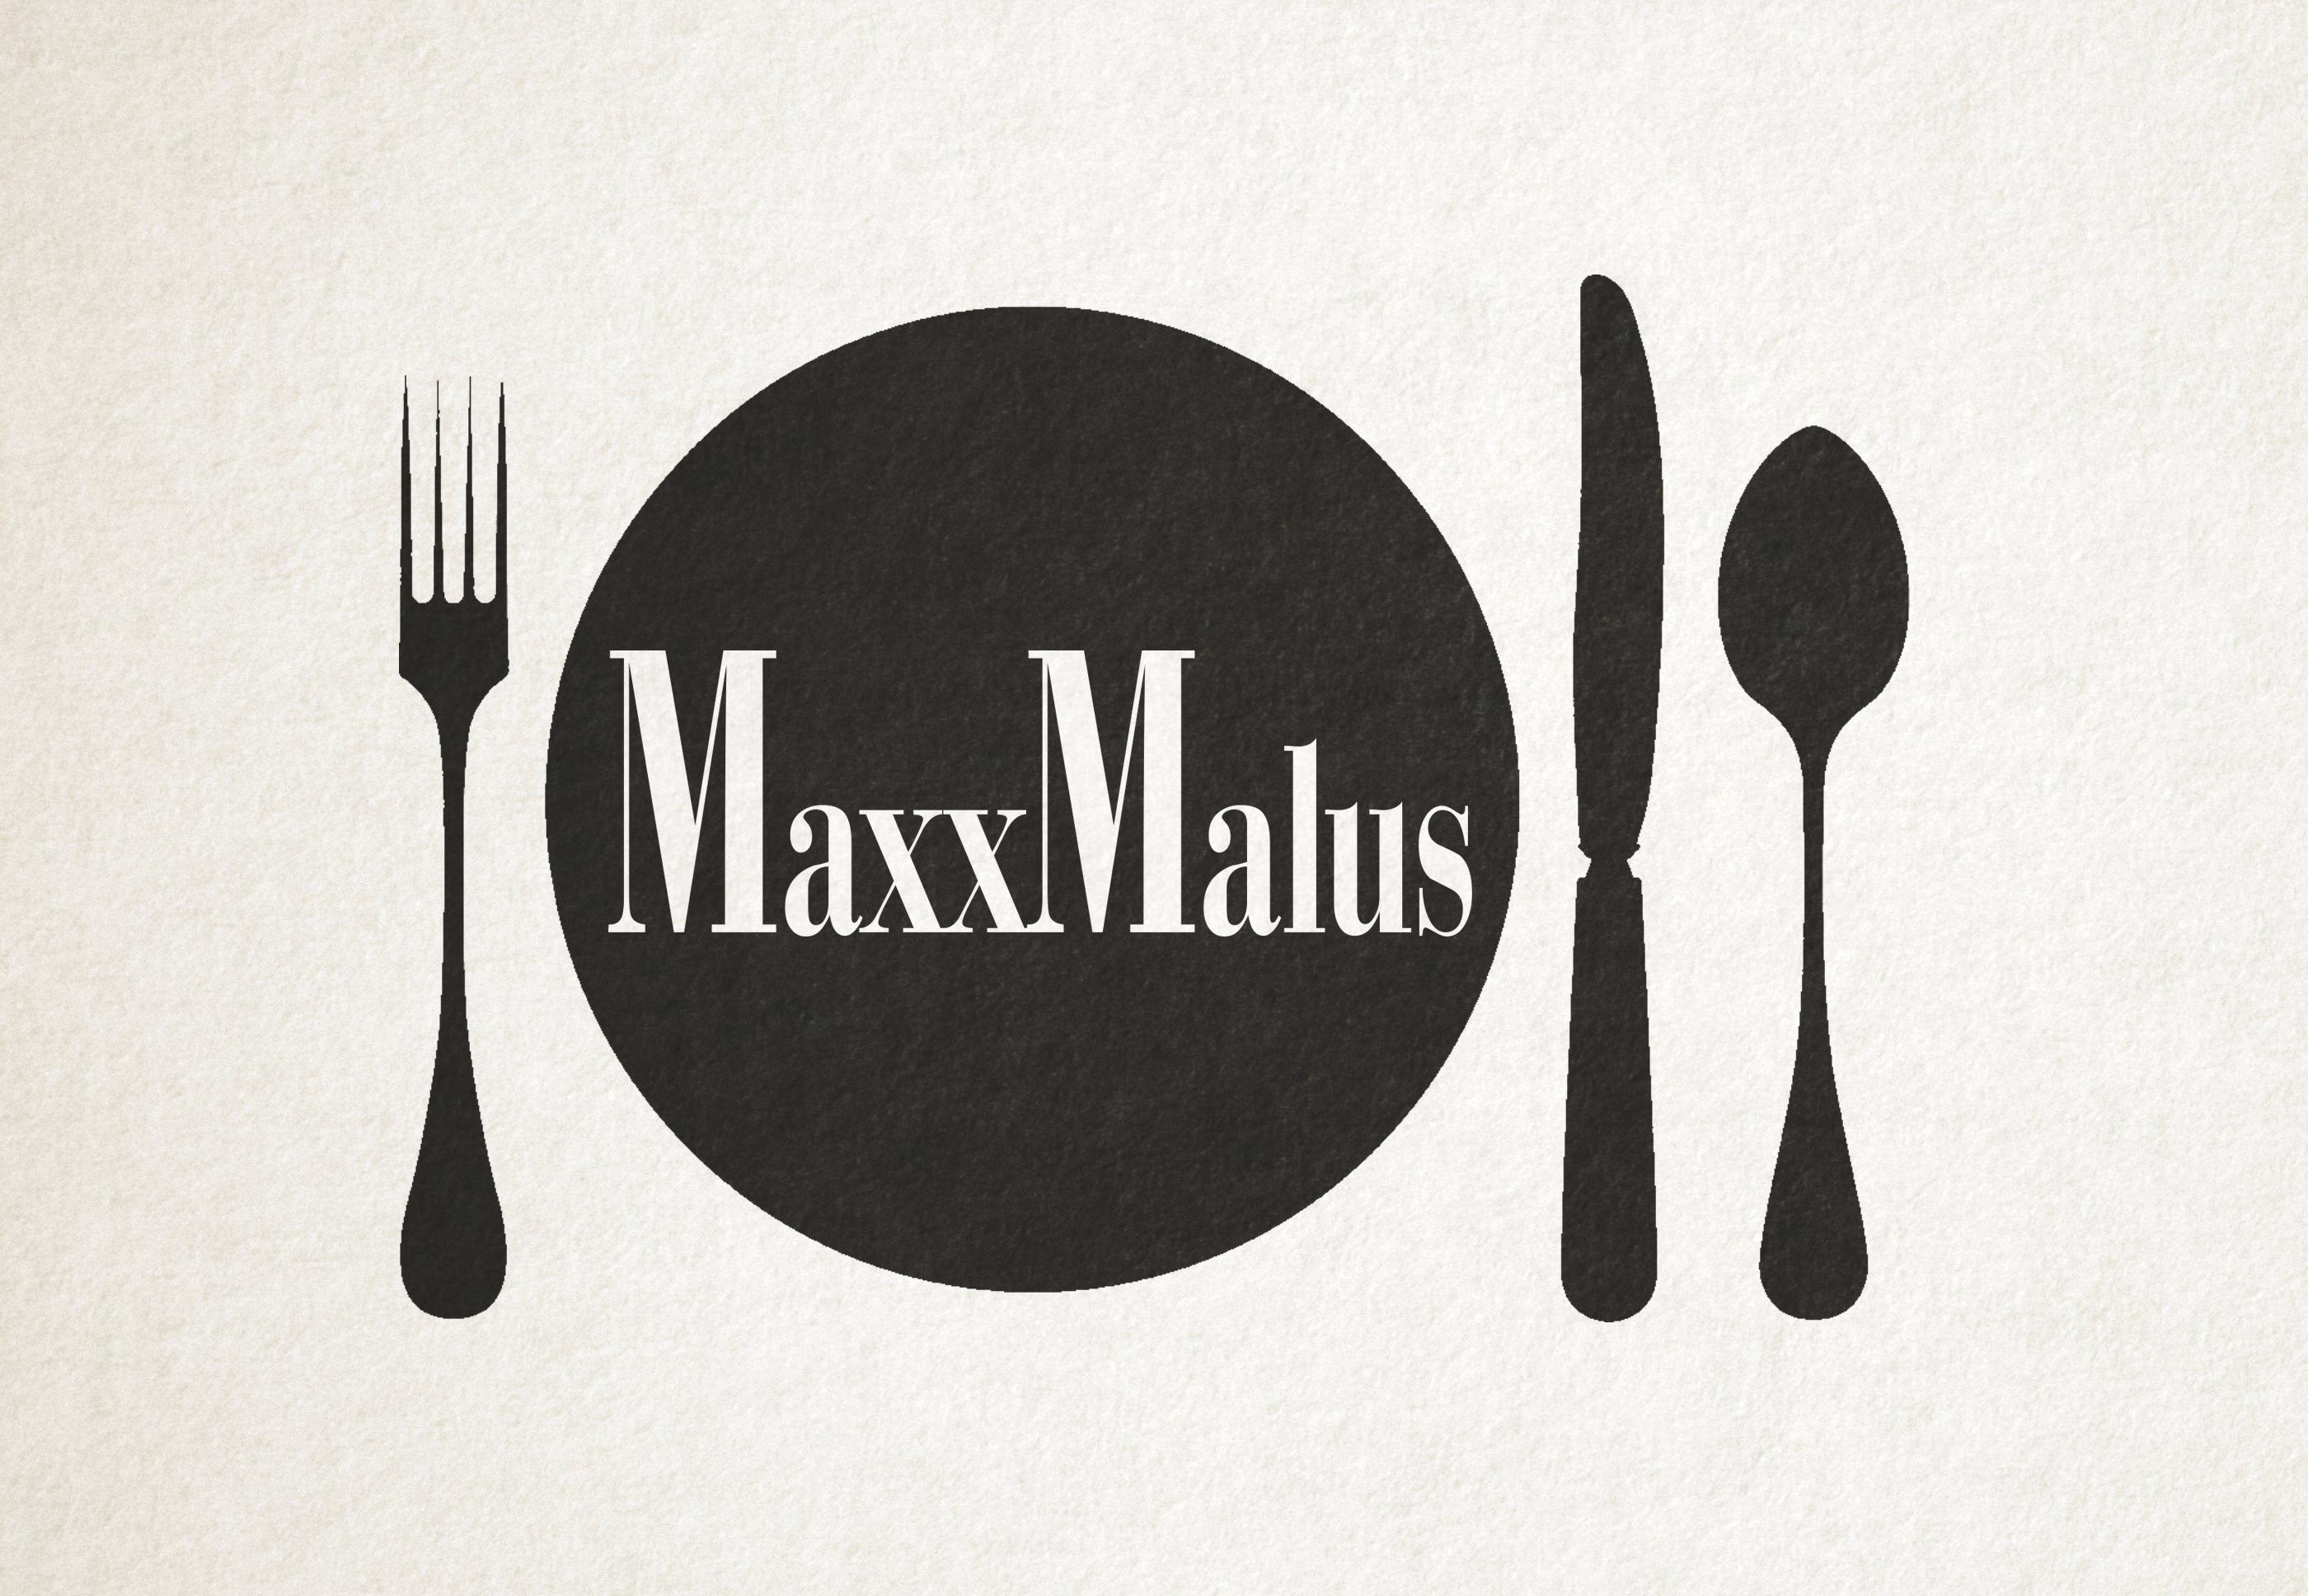 Логотип для нового бренда повседневной посуды фото f_6175b9f99a5ec65f.jpg